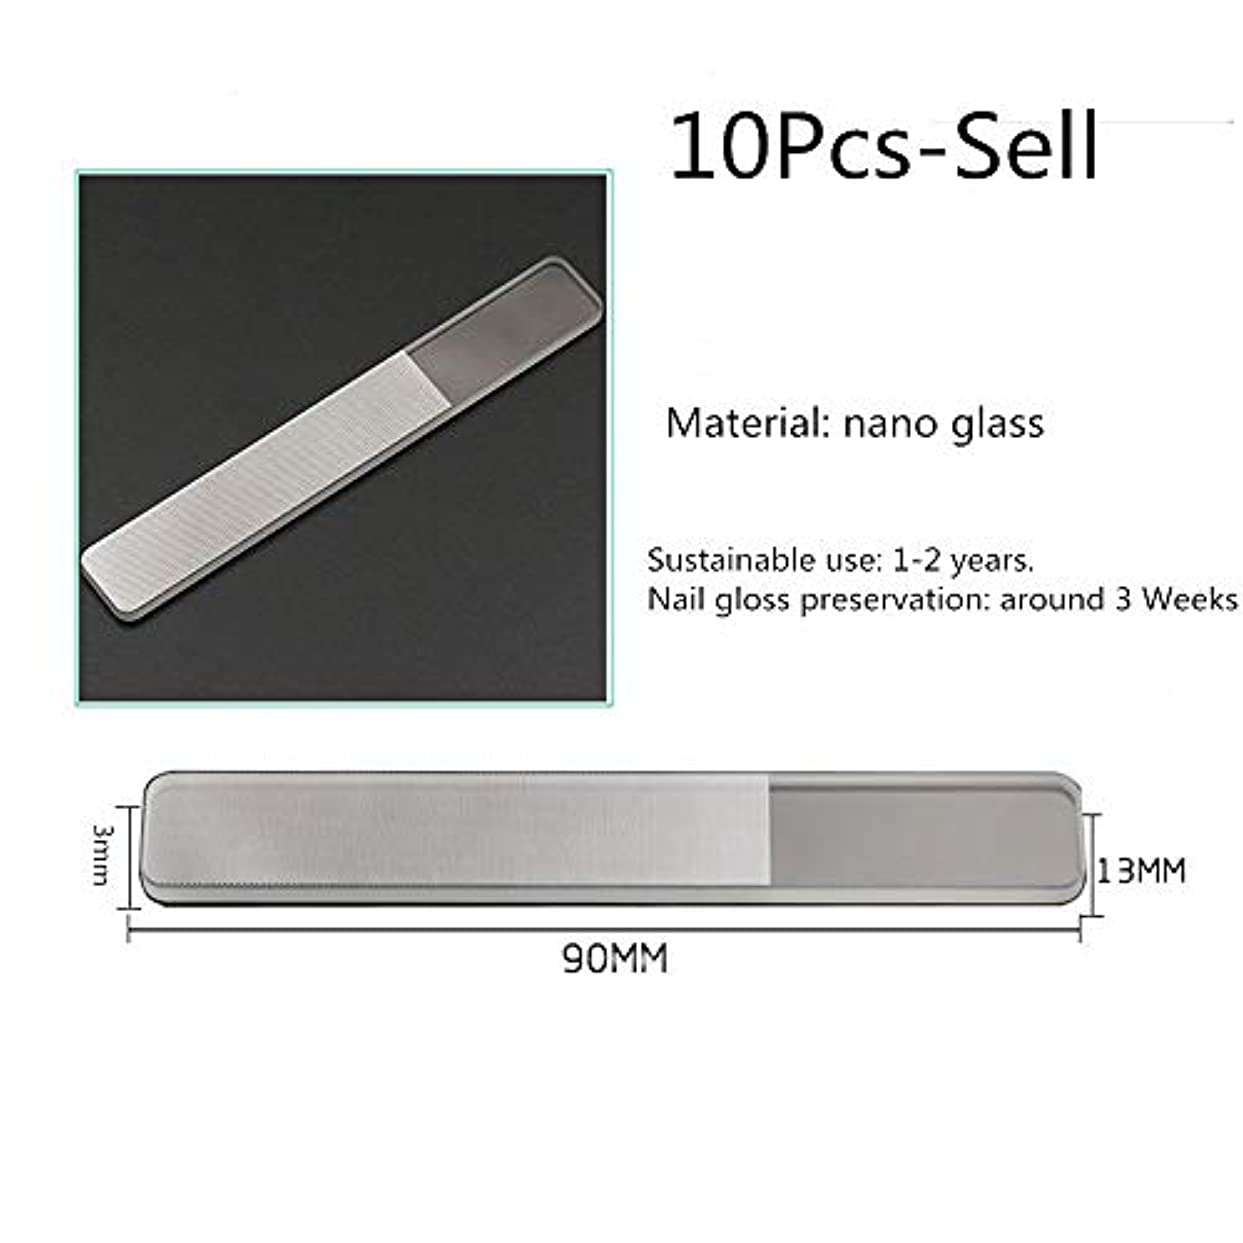 爪やすり ナノガラスネイルファイル10個パック、穏やかで正確なネイルシェーピングのための両面ファイルバッファ、旅行用ペディキュアマニキュアキットのための洗える永久表面 ネイルアートツール (色 : Clear, Size...